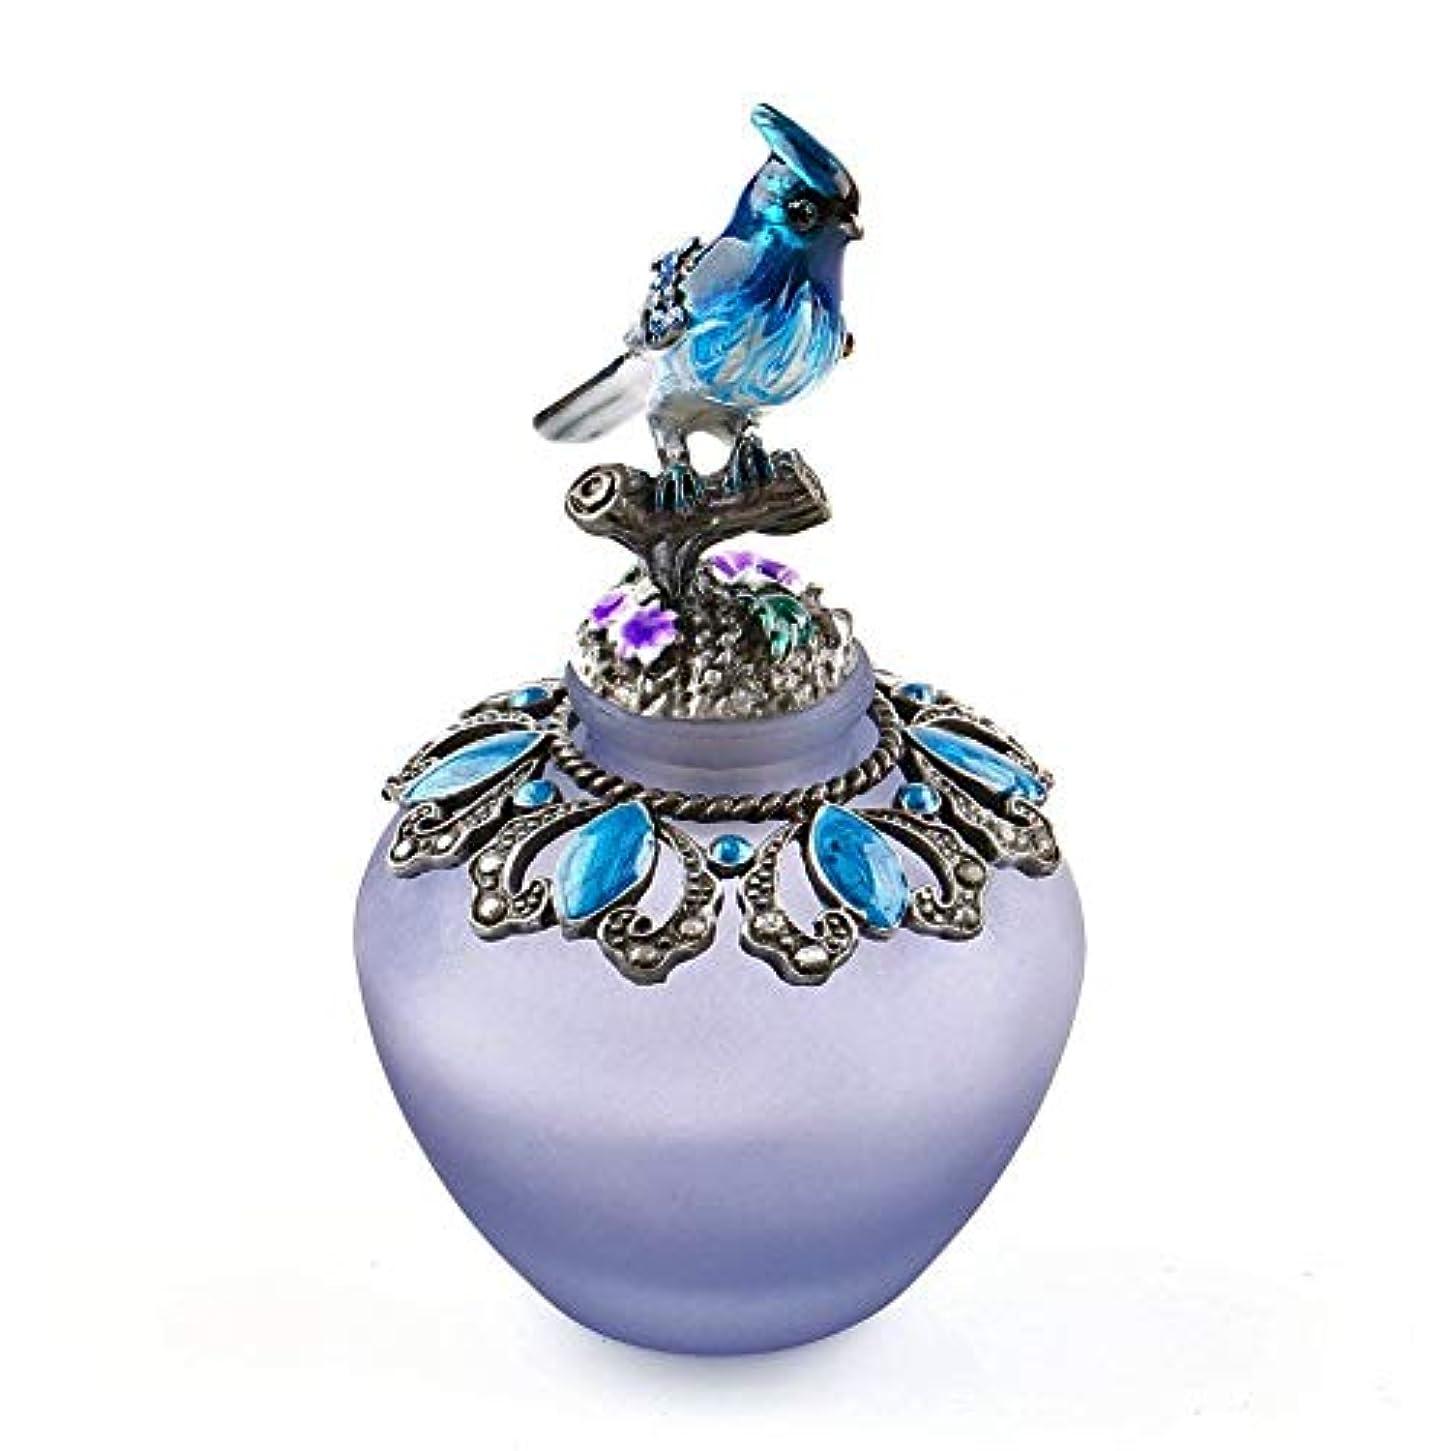 終了しました上げる滑りやすいEasyRaku 高品質 美しい香水瓶 鳥40ML ガラスアロマボトル 綺麗アンティーク調欧風デザイン クリスマスプレゼント 結婚式 飾り